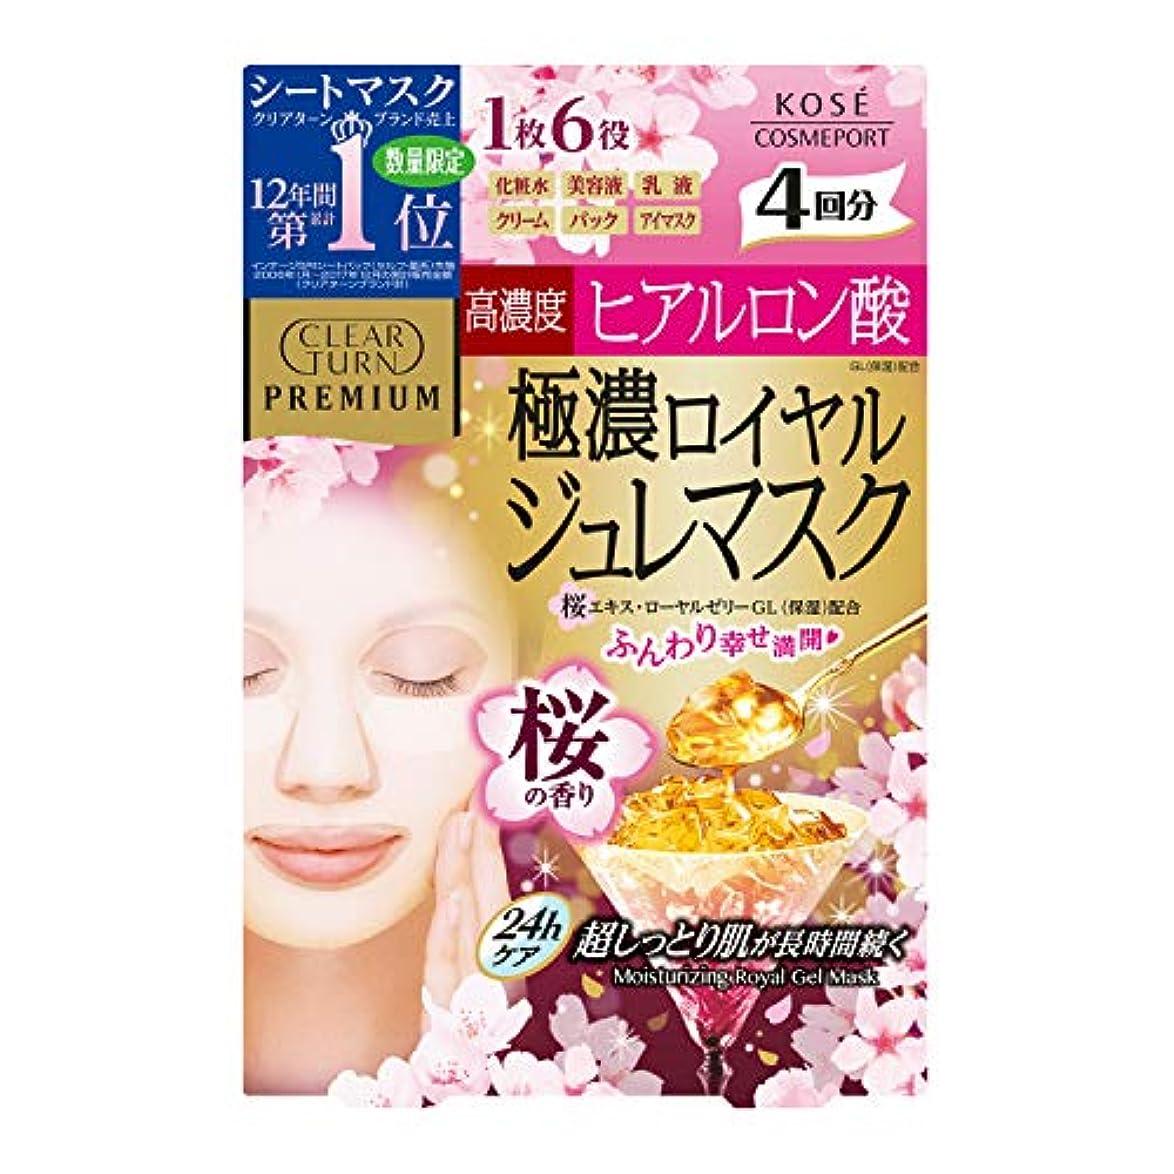 彼ら命題発掘KOSE クリアターン プレミアムロイヤルジュレマスク(ヒアルロン酸)4回 桜の香り